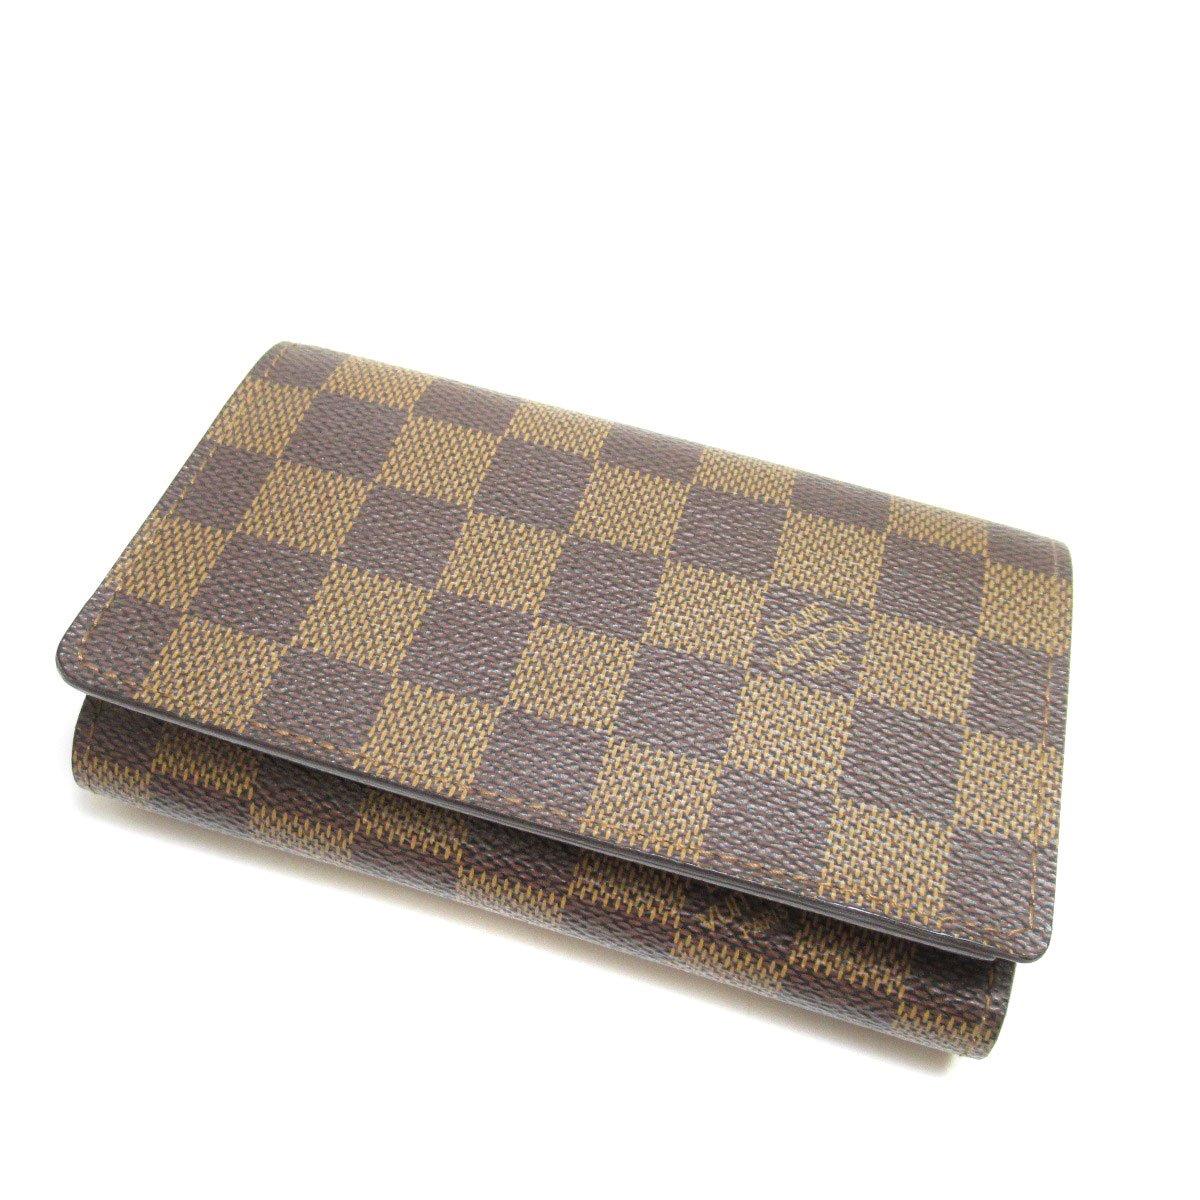 [ルイヴィトン]ポルト フォイユ トレゾール 二つ折り財布(小銭入れあり) ダミエキャンバス レディース (中古) B07F2RPGY5  -